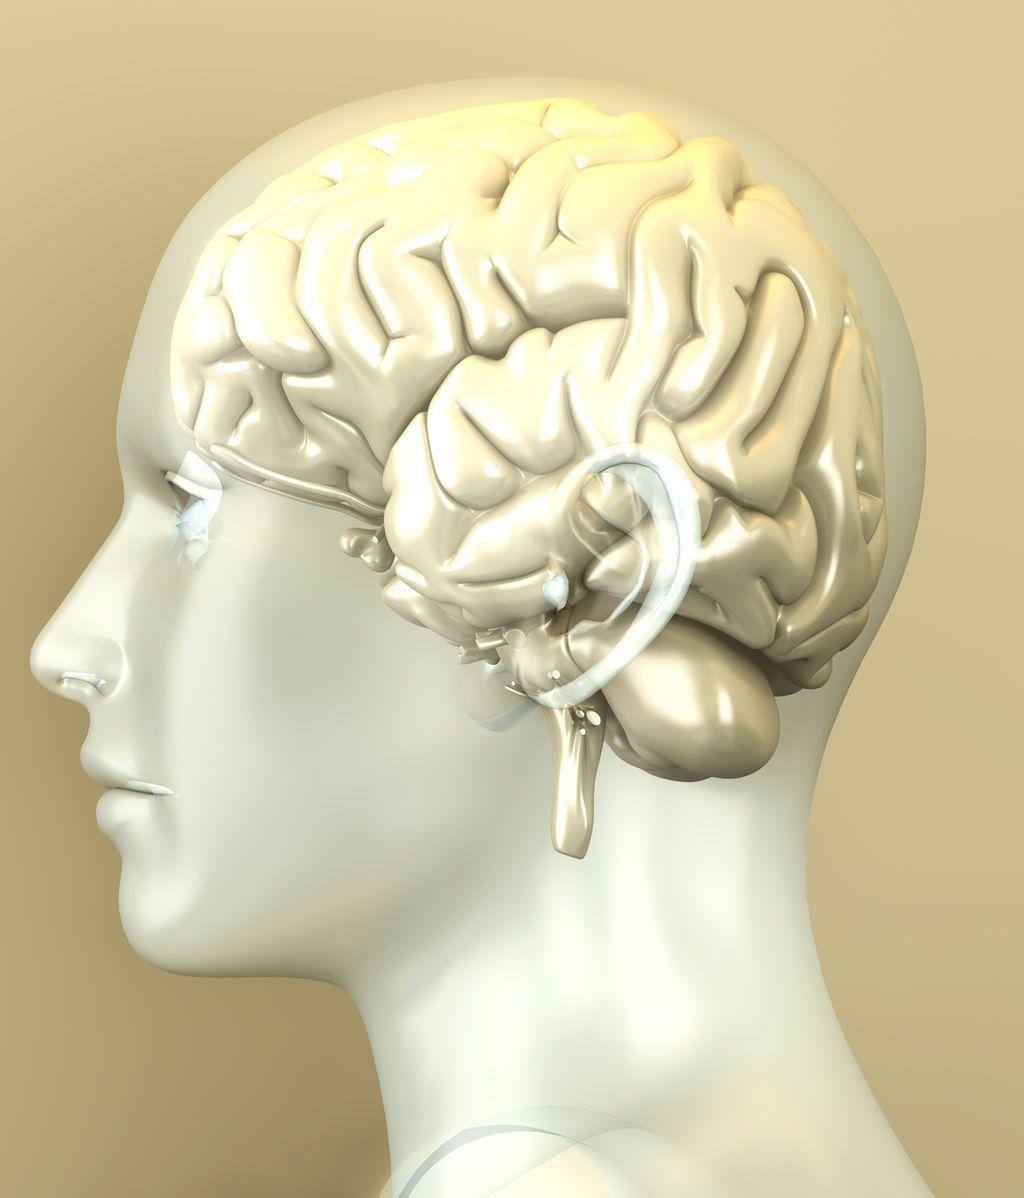 Descubren alteraciones en el 'cableado cerebral' de los pacientes con esquizofrenia